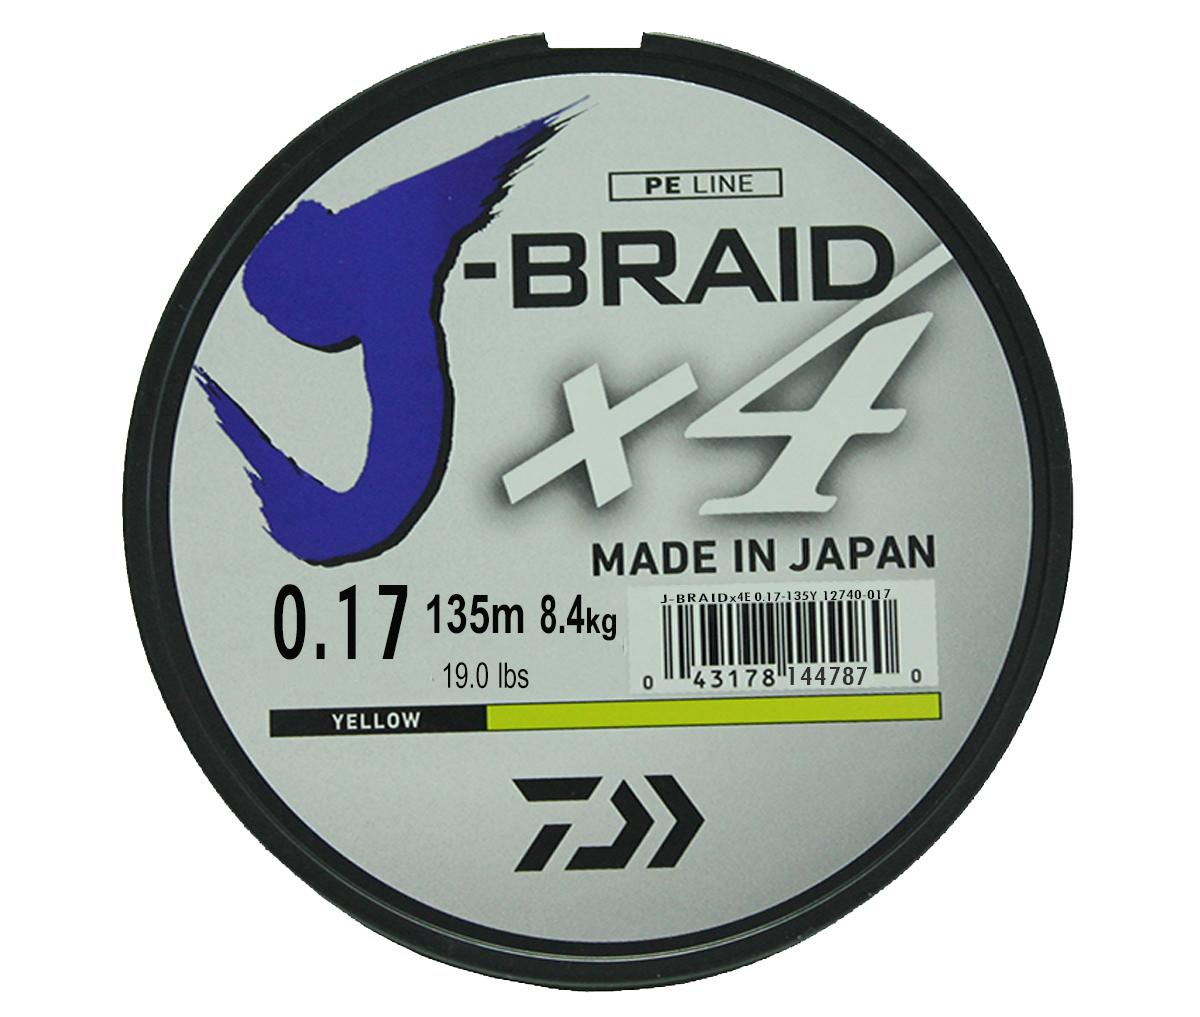 Шнур плетеный Daiwa J-Braid X4, цвет: флуоресцентный желтый, 135 м, 0,17 мм61139Новый 4х жильный шнур J-Braid, DAIWA - шнур высокого класса с удивительным соотношением цены и качества. Качество плетения полностьюсоответствует японским стандартам и удовлетворяет всем требованиям. Представленные диаметры позволяют использовать шнур для всех техникловли, начиная от ultra- light ловли окуня, до морской ловли палтуса, трески и т.д